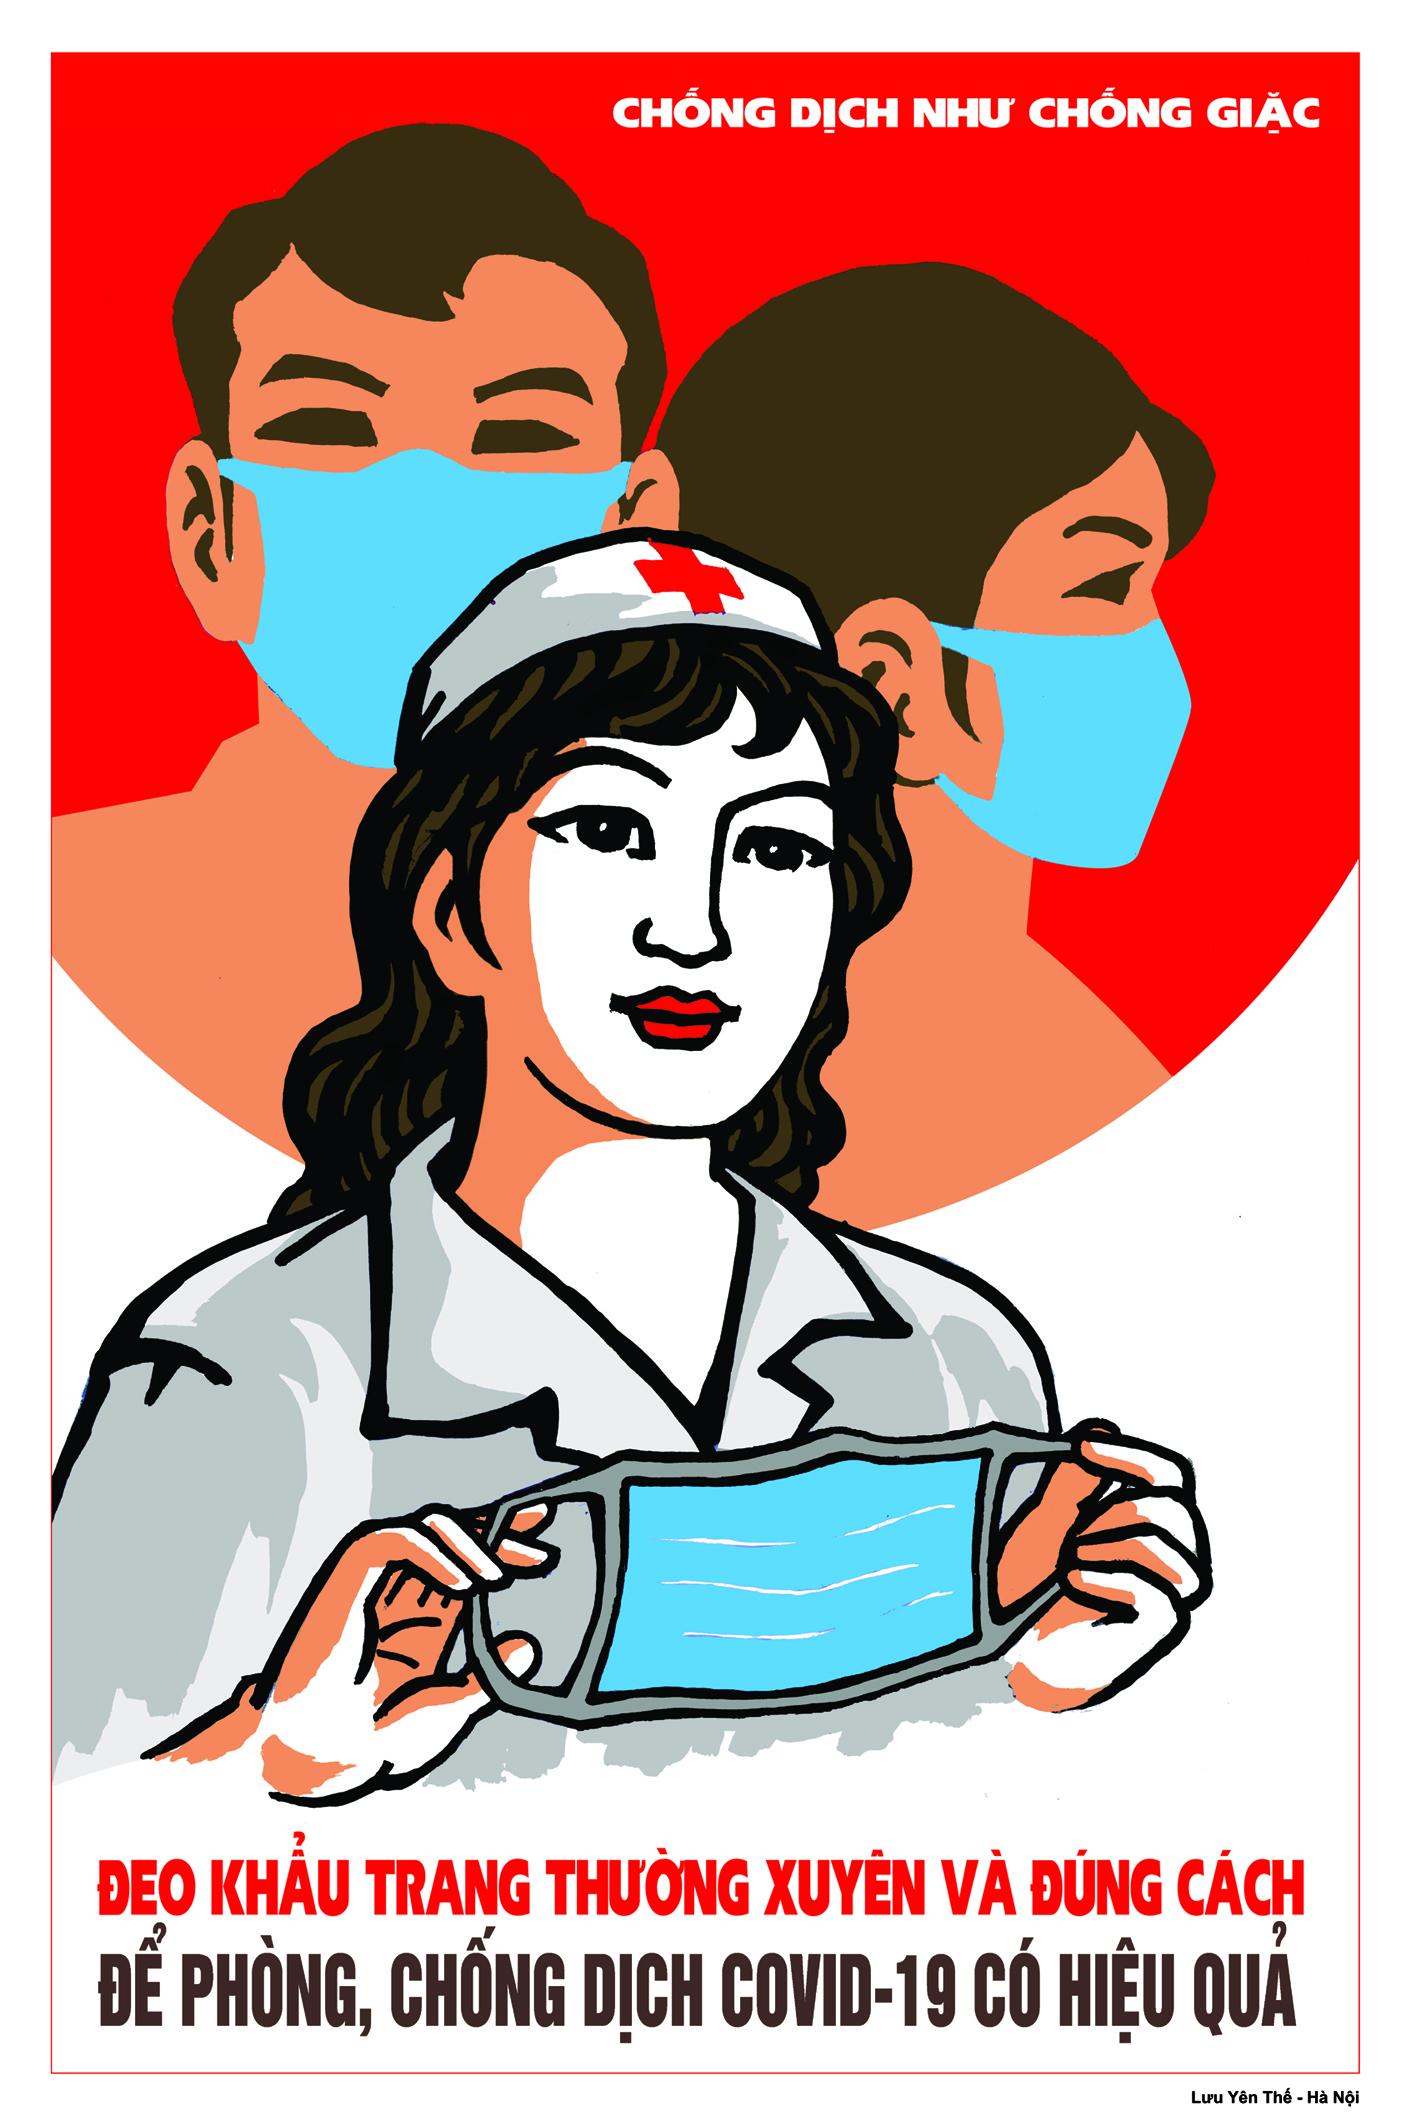 Hào hứng sáng tác tranh cổ động phòng chống dịch Covid-19